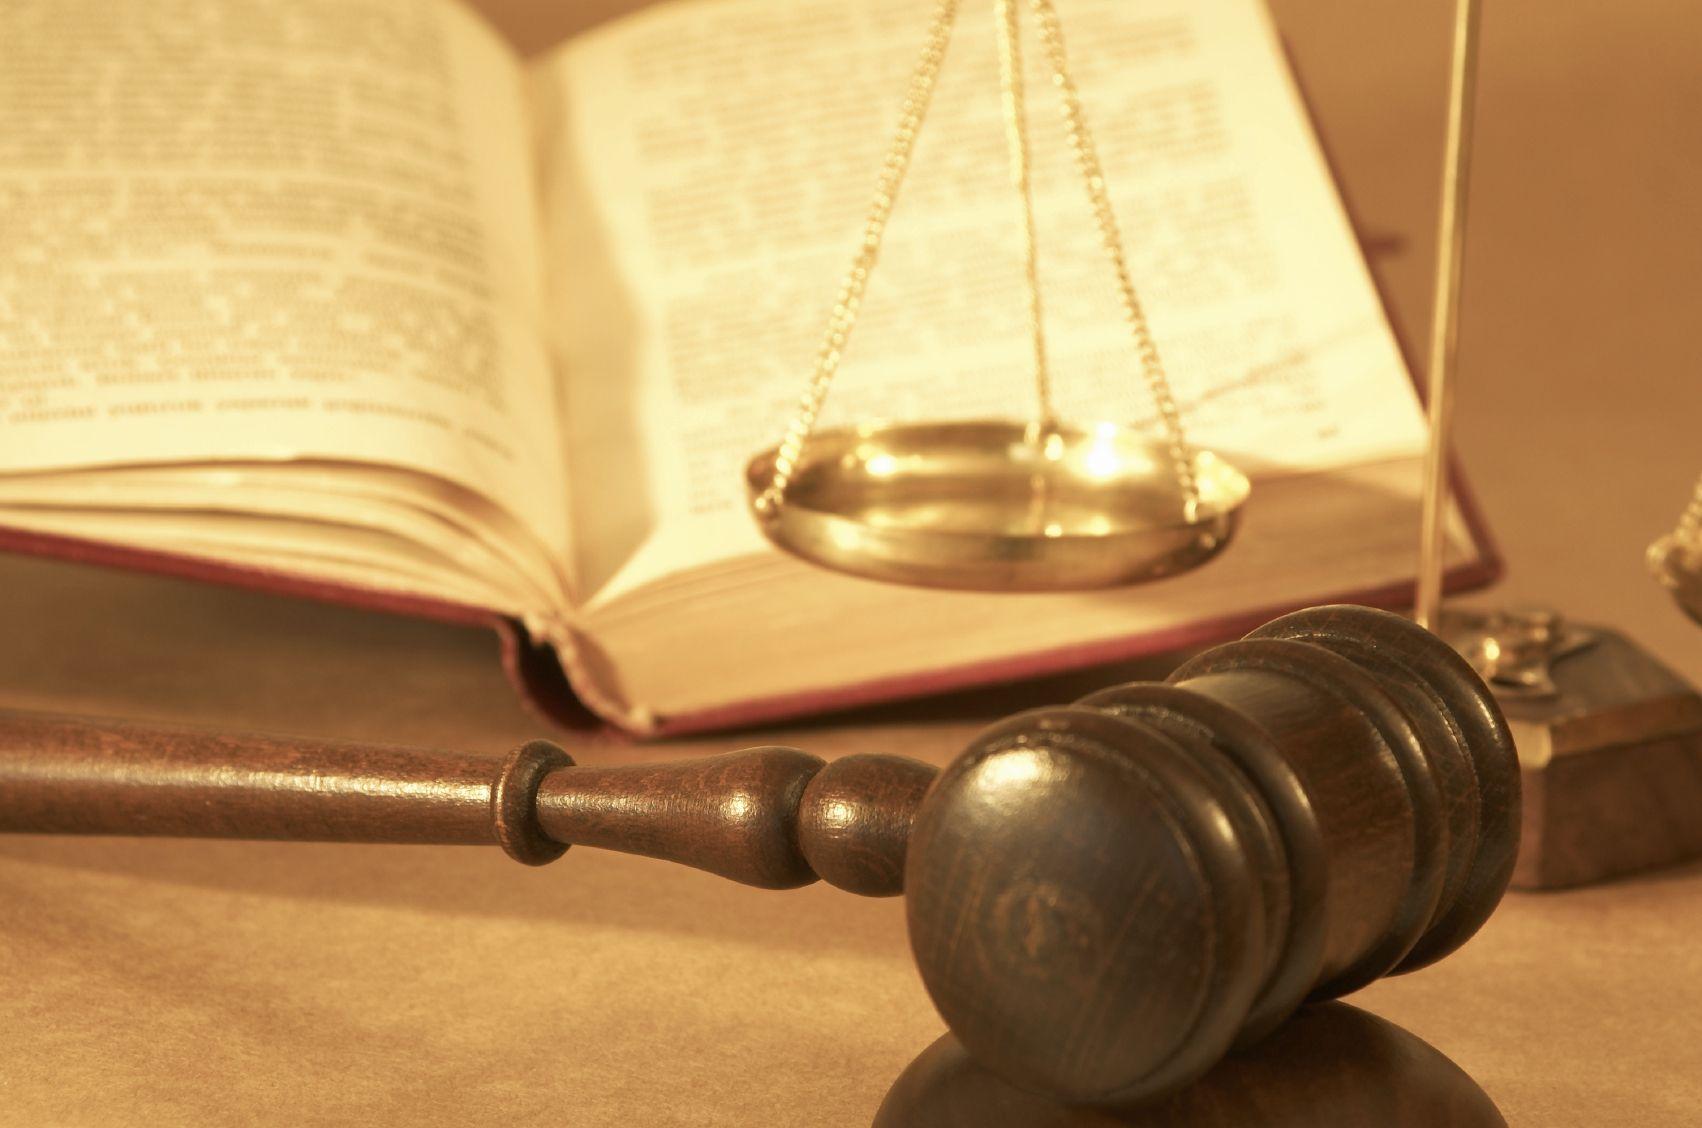 Avanza la implementación del Código Procesal Penal: el proyecto ya tiene dictamen